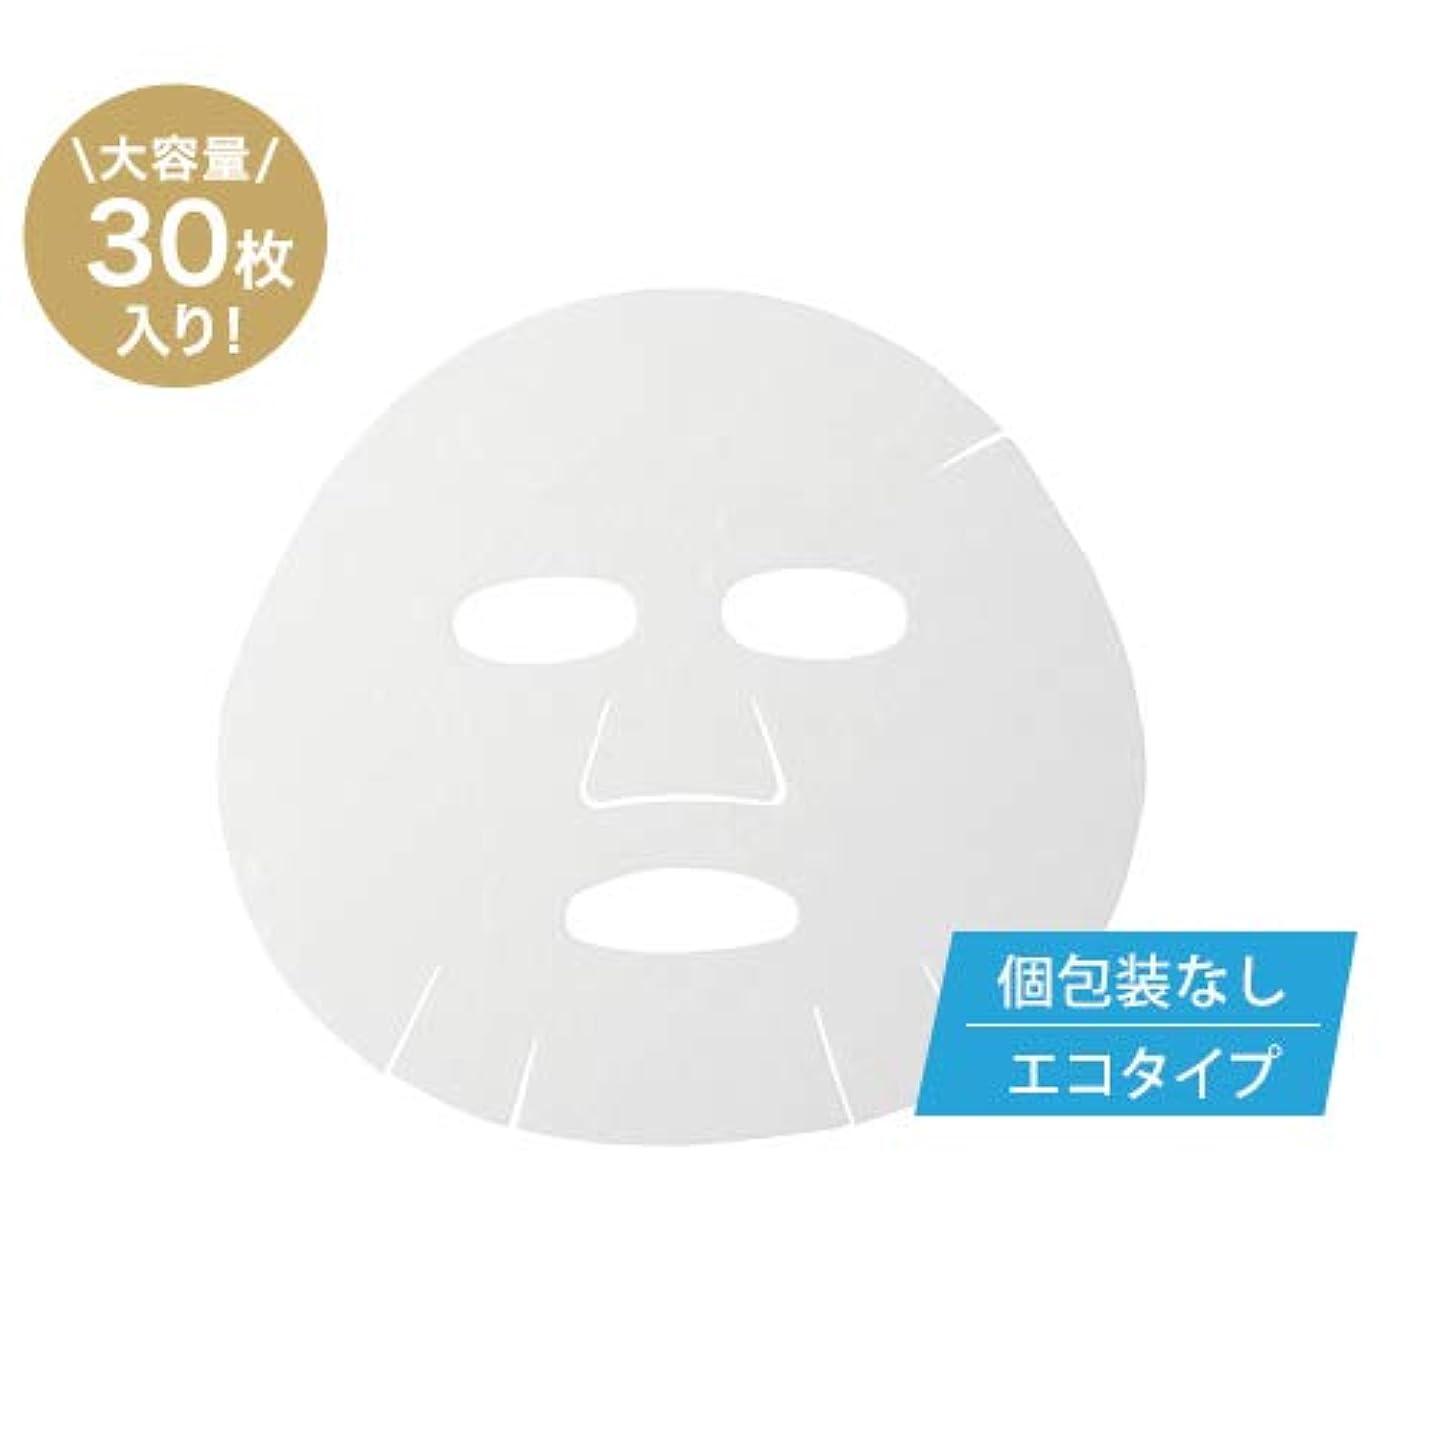 家畜以降リネンMAMEW エッセンスシートマスク(個包装無し?大容量タイプ)-日本製の顔パック-毛穴を引き締める?保湿効果?くすみ?しわ対策におすすめ?お肌しっとり-EGF配合-お得な30枚セット